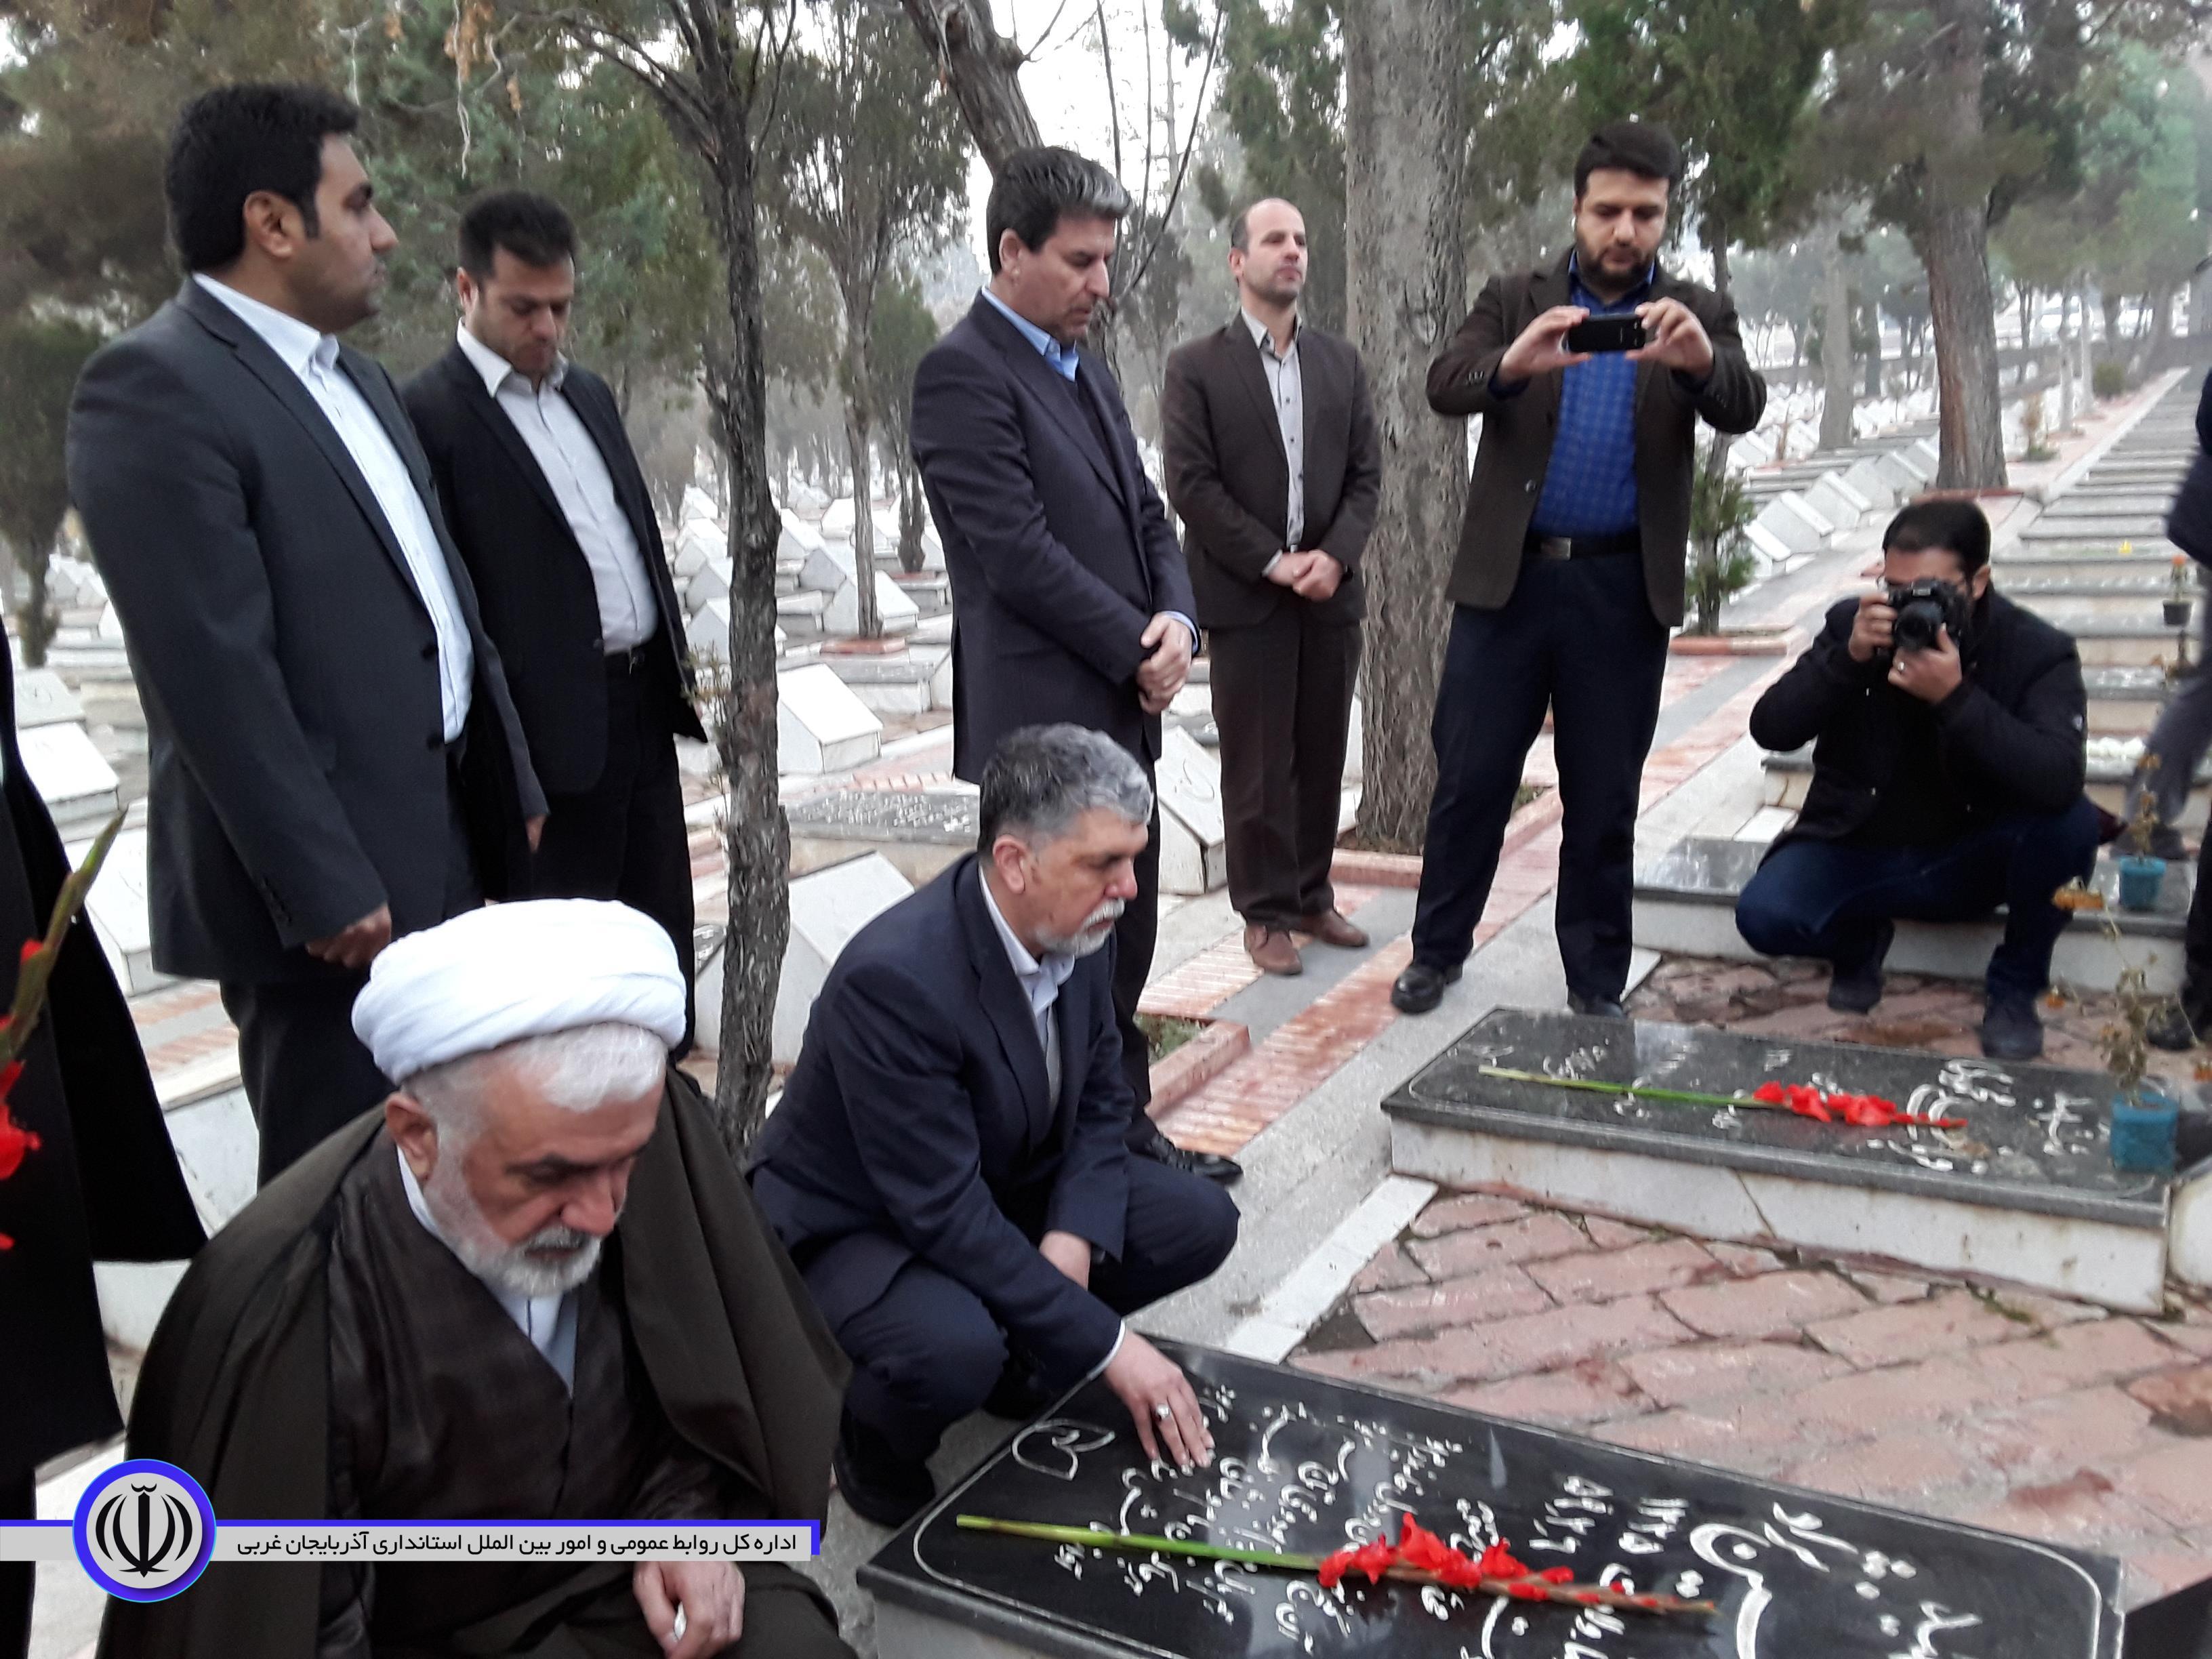 ادای احترام وزیر فرهنگ و ارشاد اسلامی و استاندار آذربایجان غربی به مقام شامخ شهدا در ارومیه